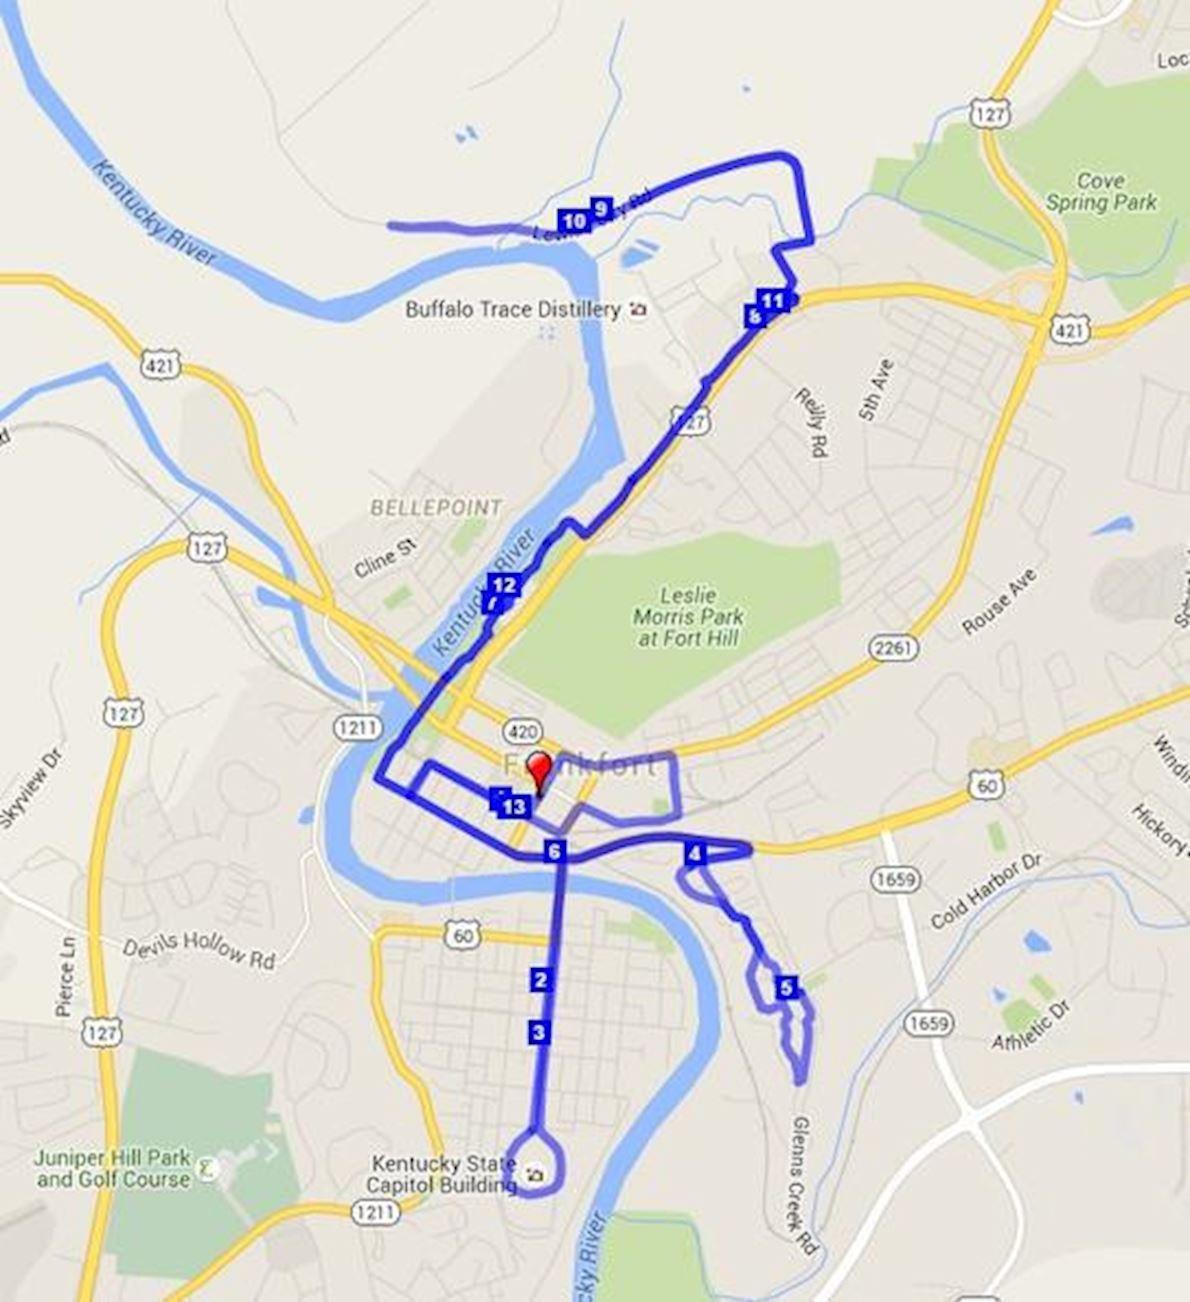 KY History Half Marathon, 10K, 5K and 1 Mile Fun Run Mappa del percorso